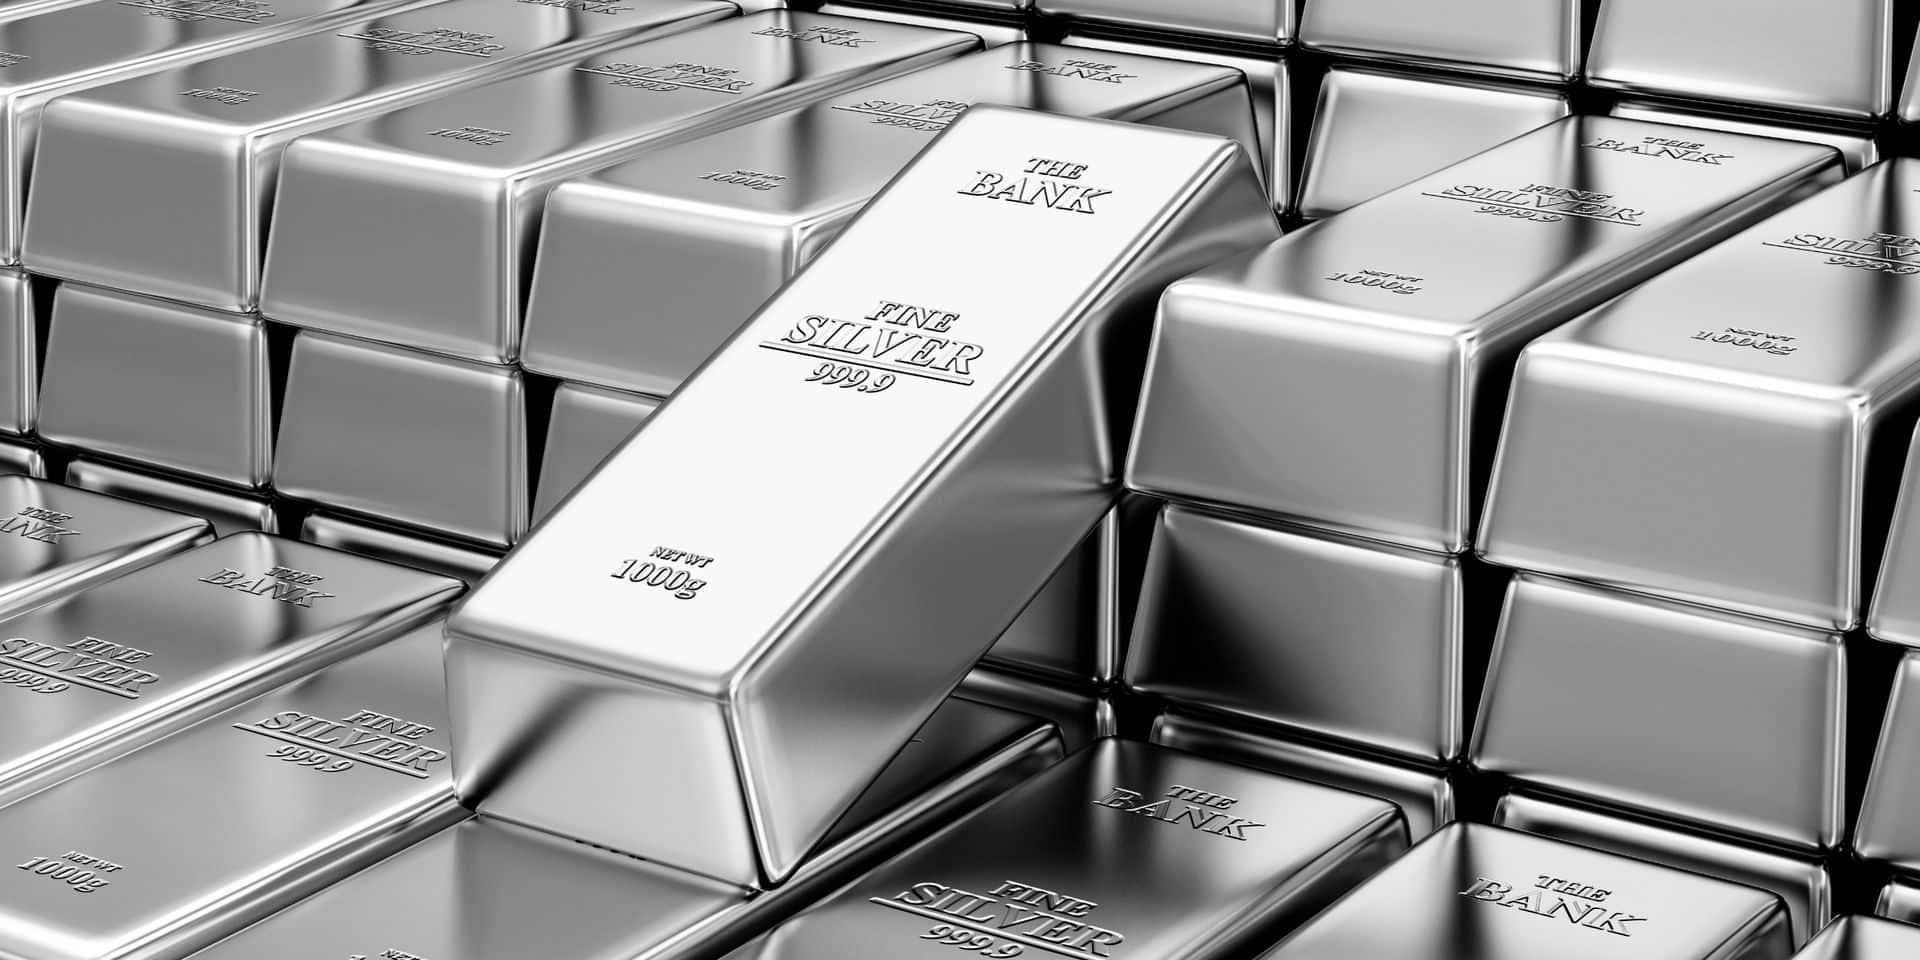 L'argent vaut aussi son pesant… d'or pour l'investisseur (INFOGRAPHIE)